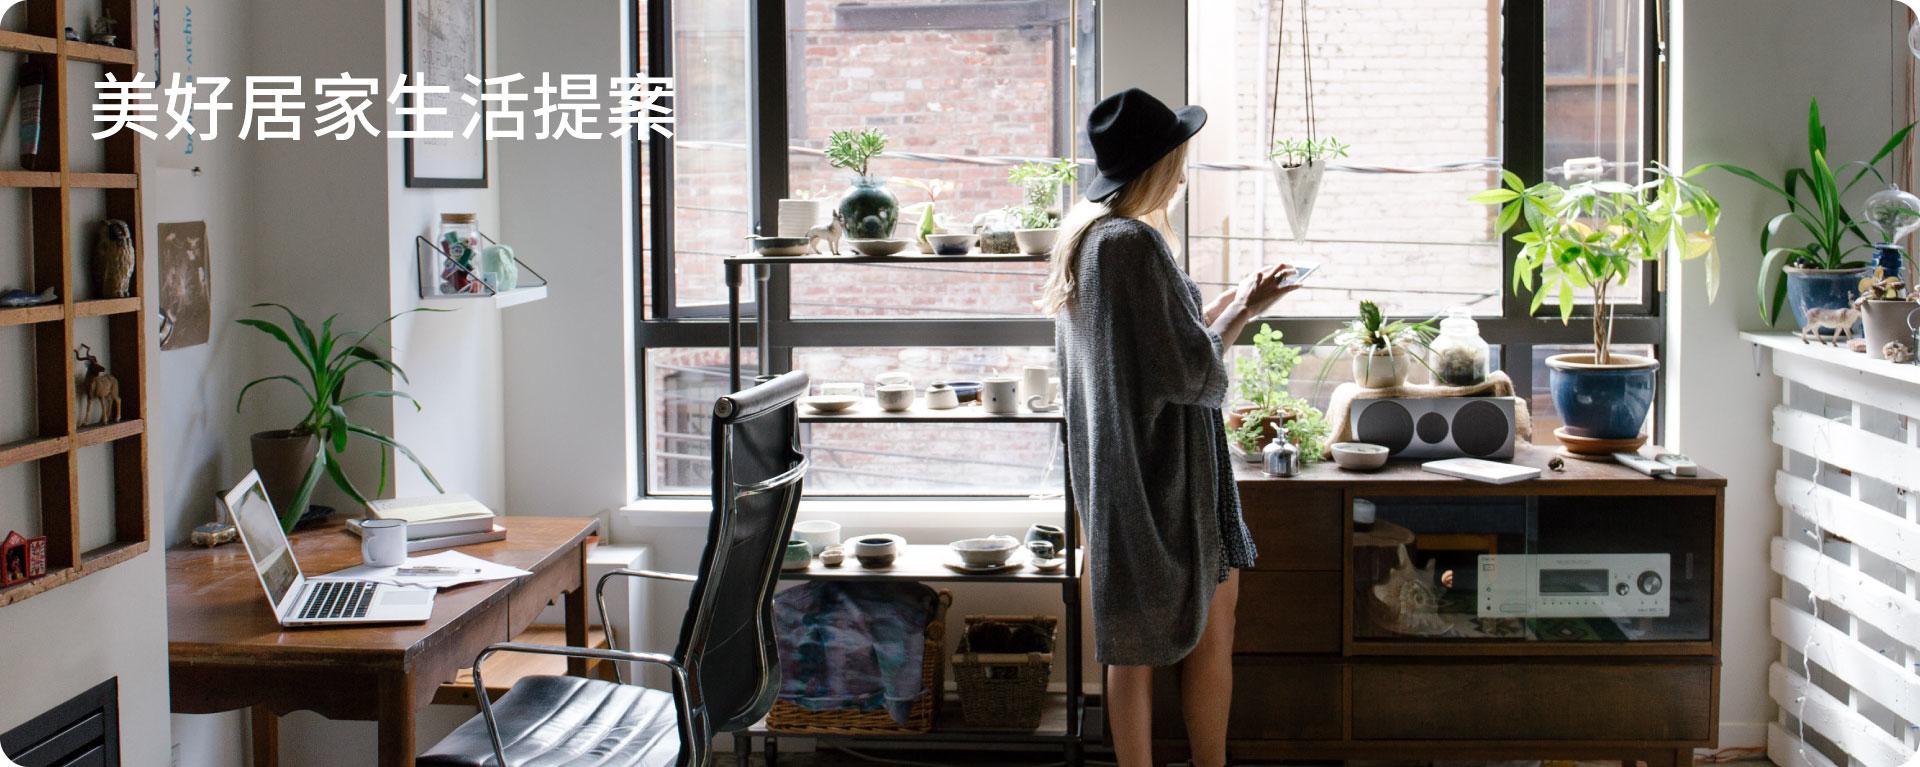 居家生活選品- GUSHA找美好科技生活